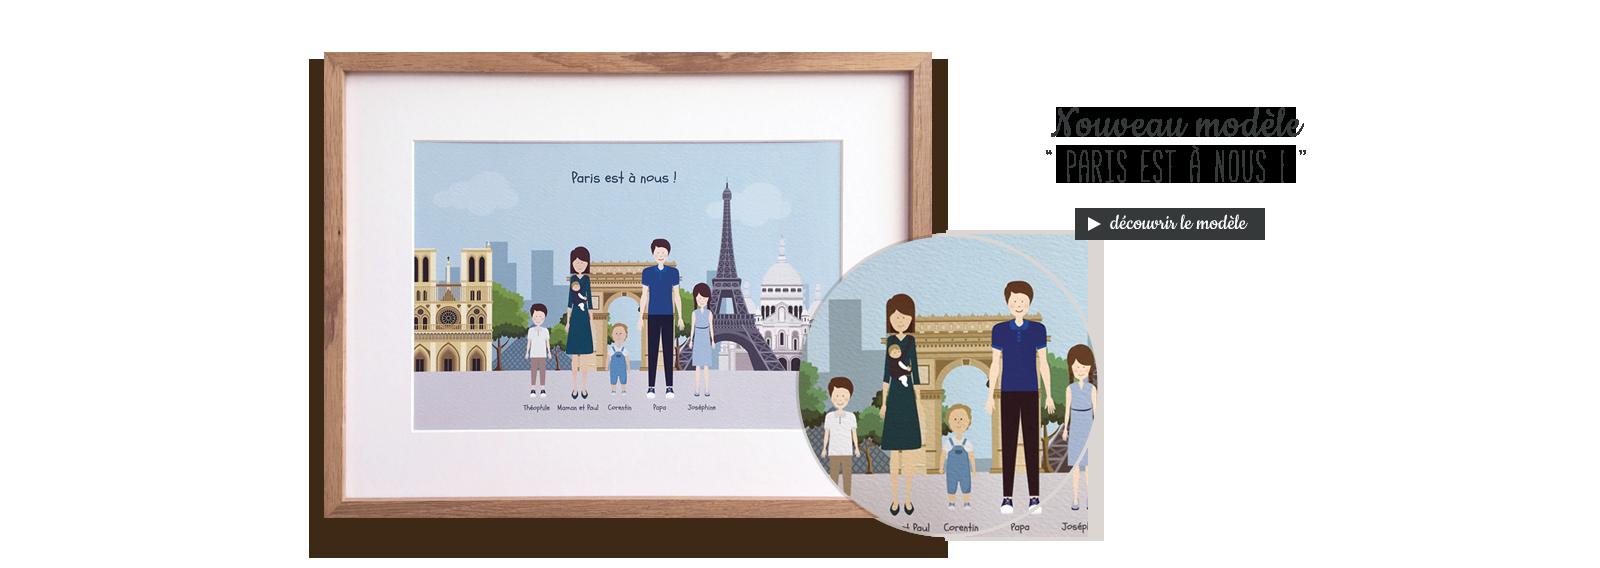 Nouveau modèle : Paris est à nous !